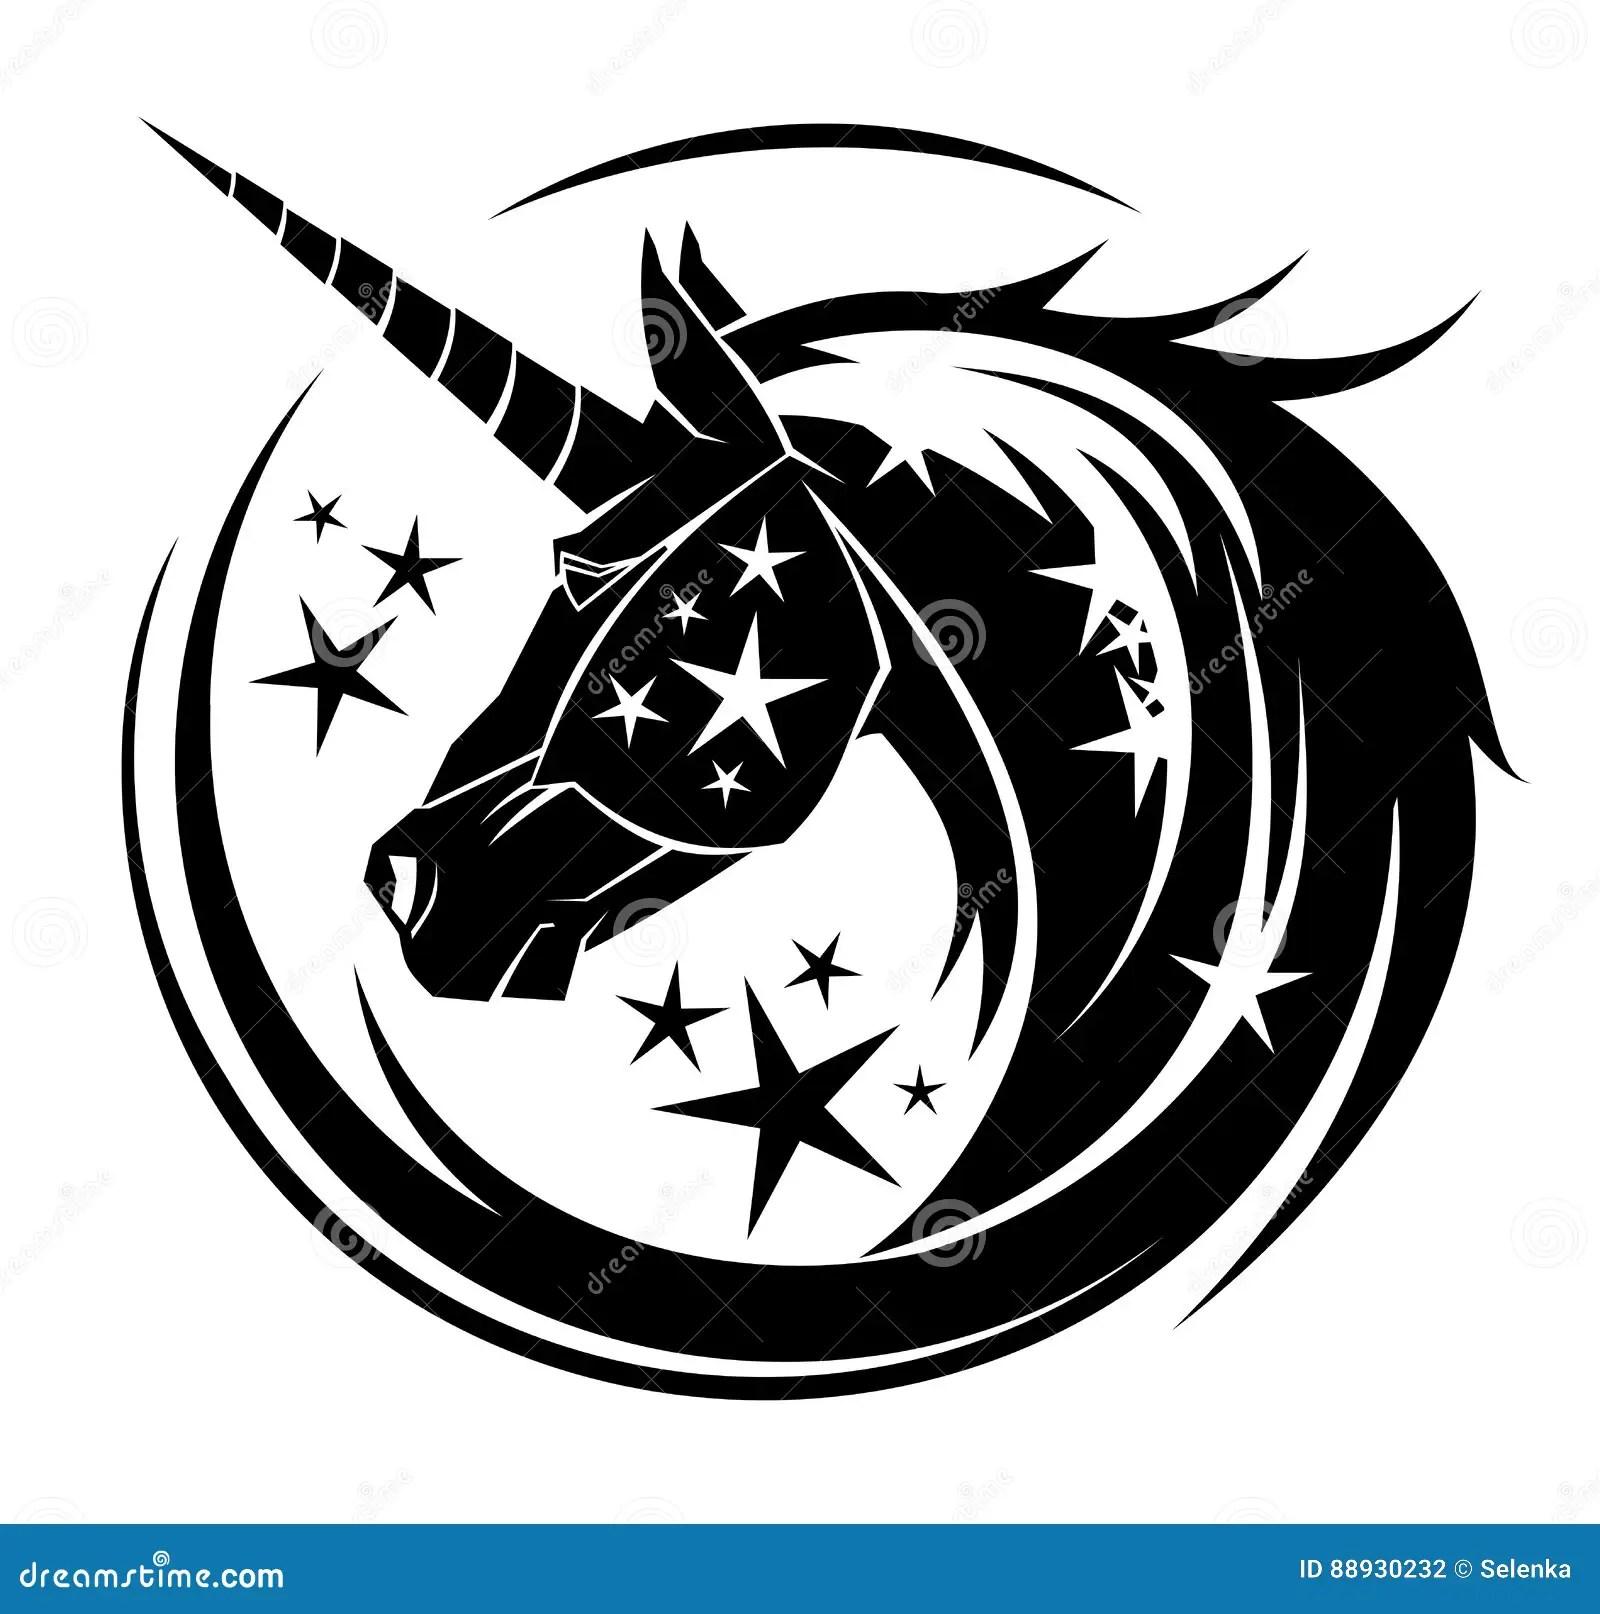 Unicorn Head Circle Tattoo Illustration Stock Vector